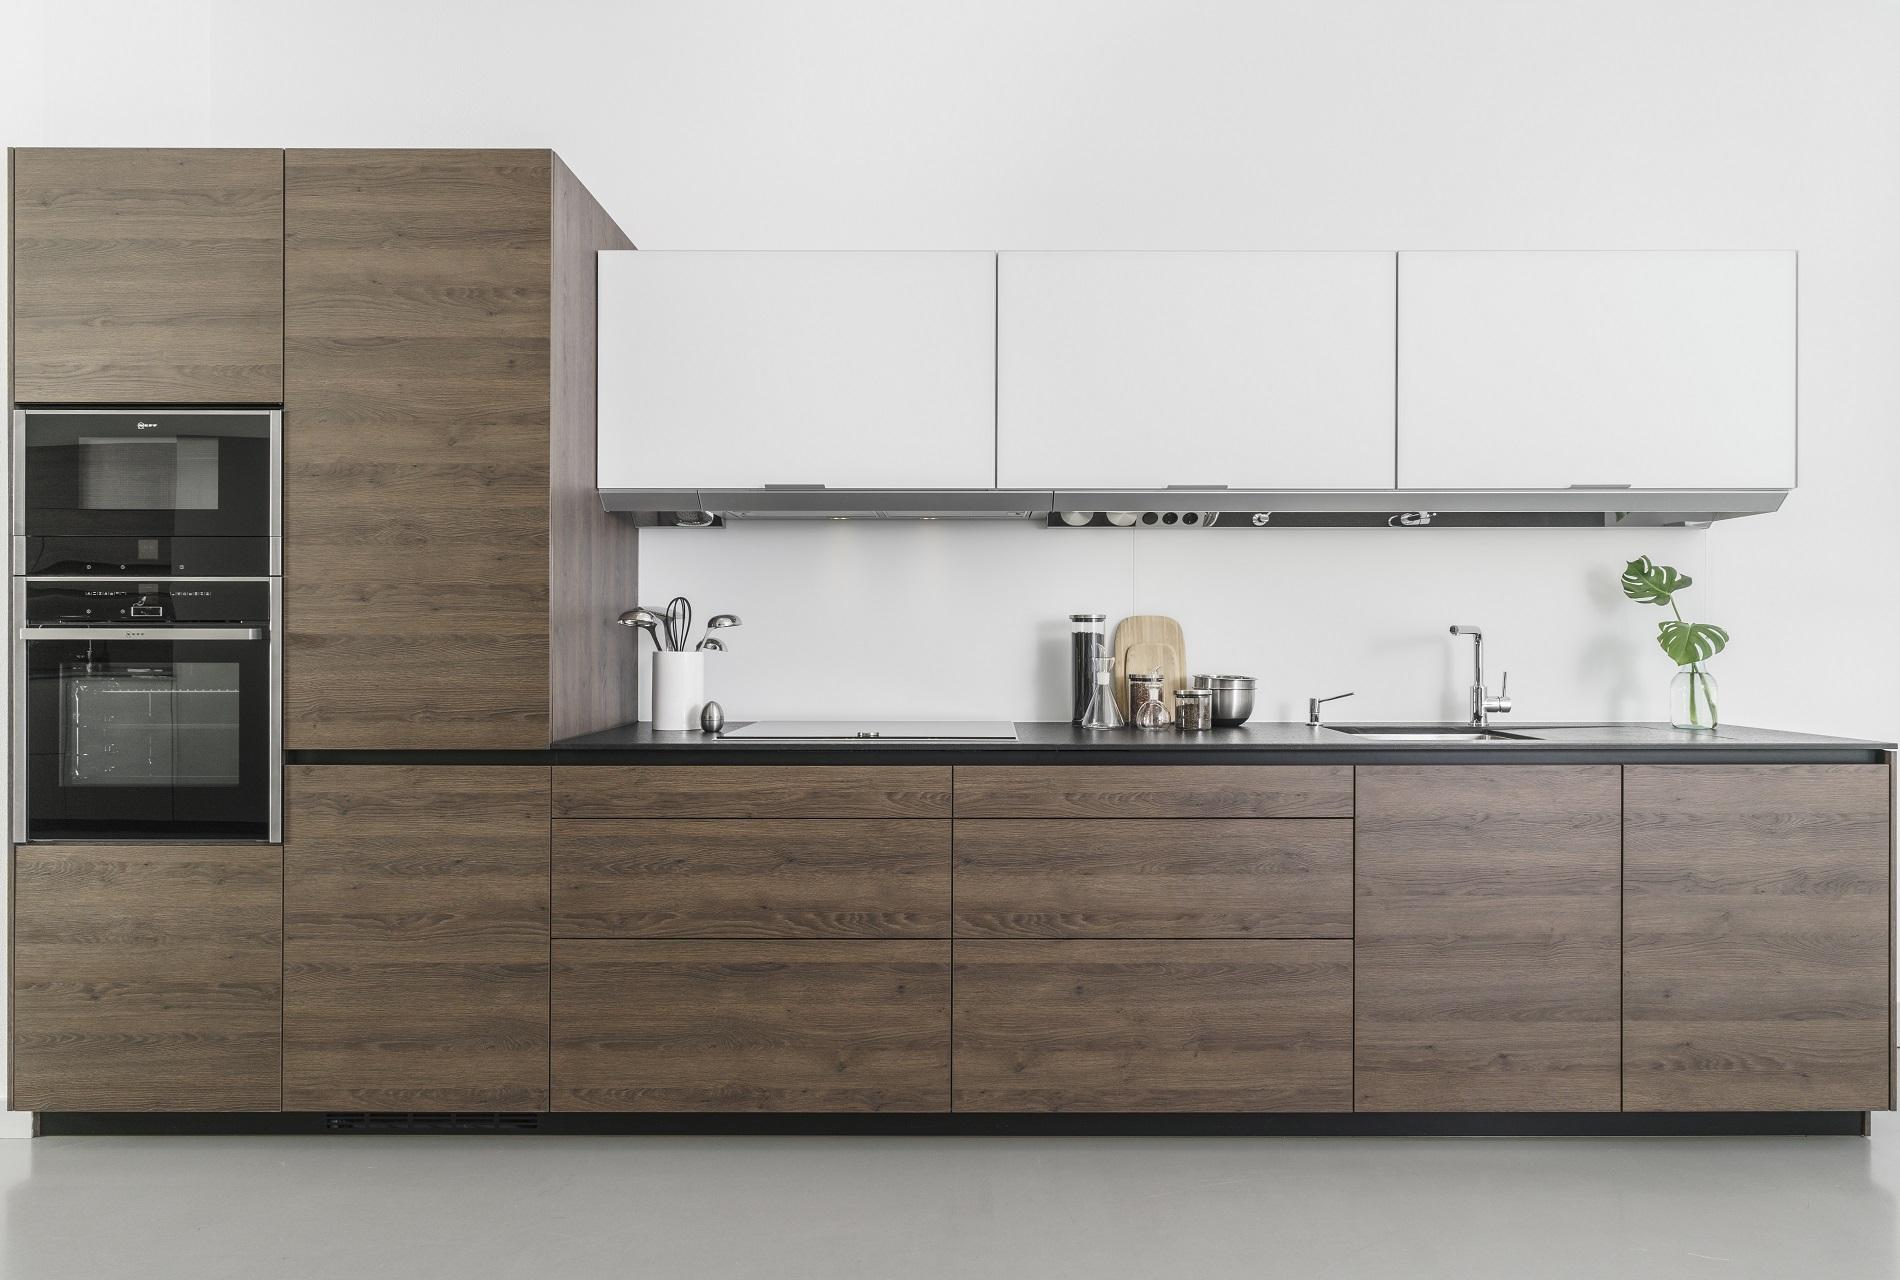 Cocinas en liquidación Line L en Roble y Blanco Santiago Interiores